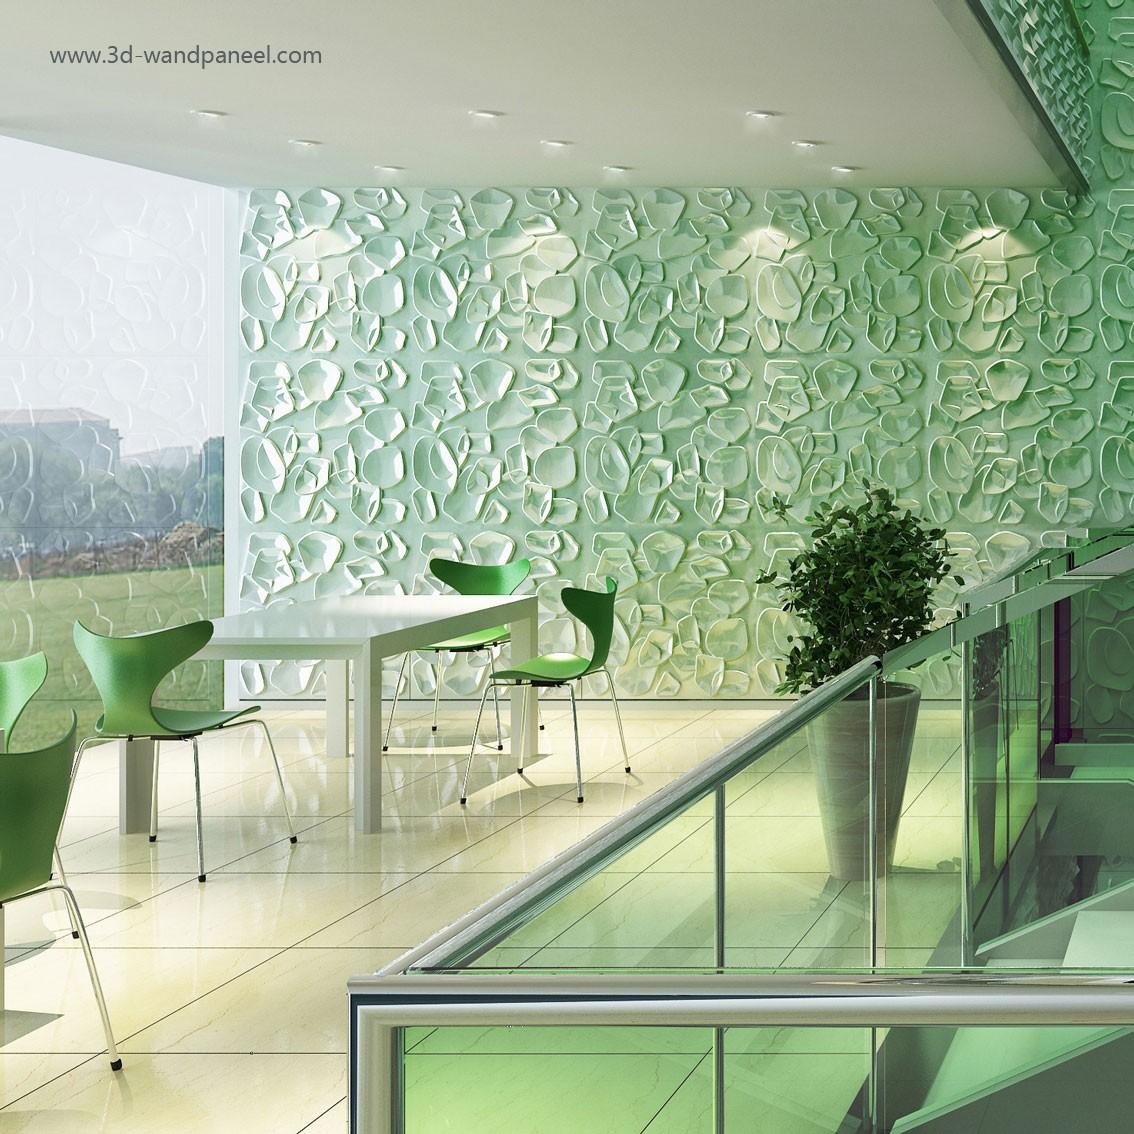 3D Wandpaneele Deckenpaneele Interior Design - Dekor DUCKWEED